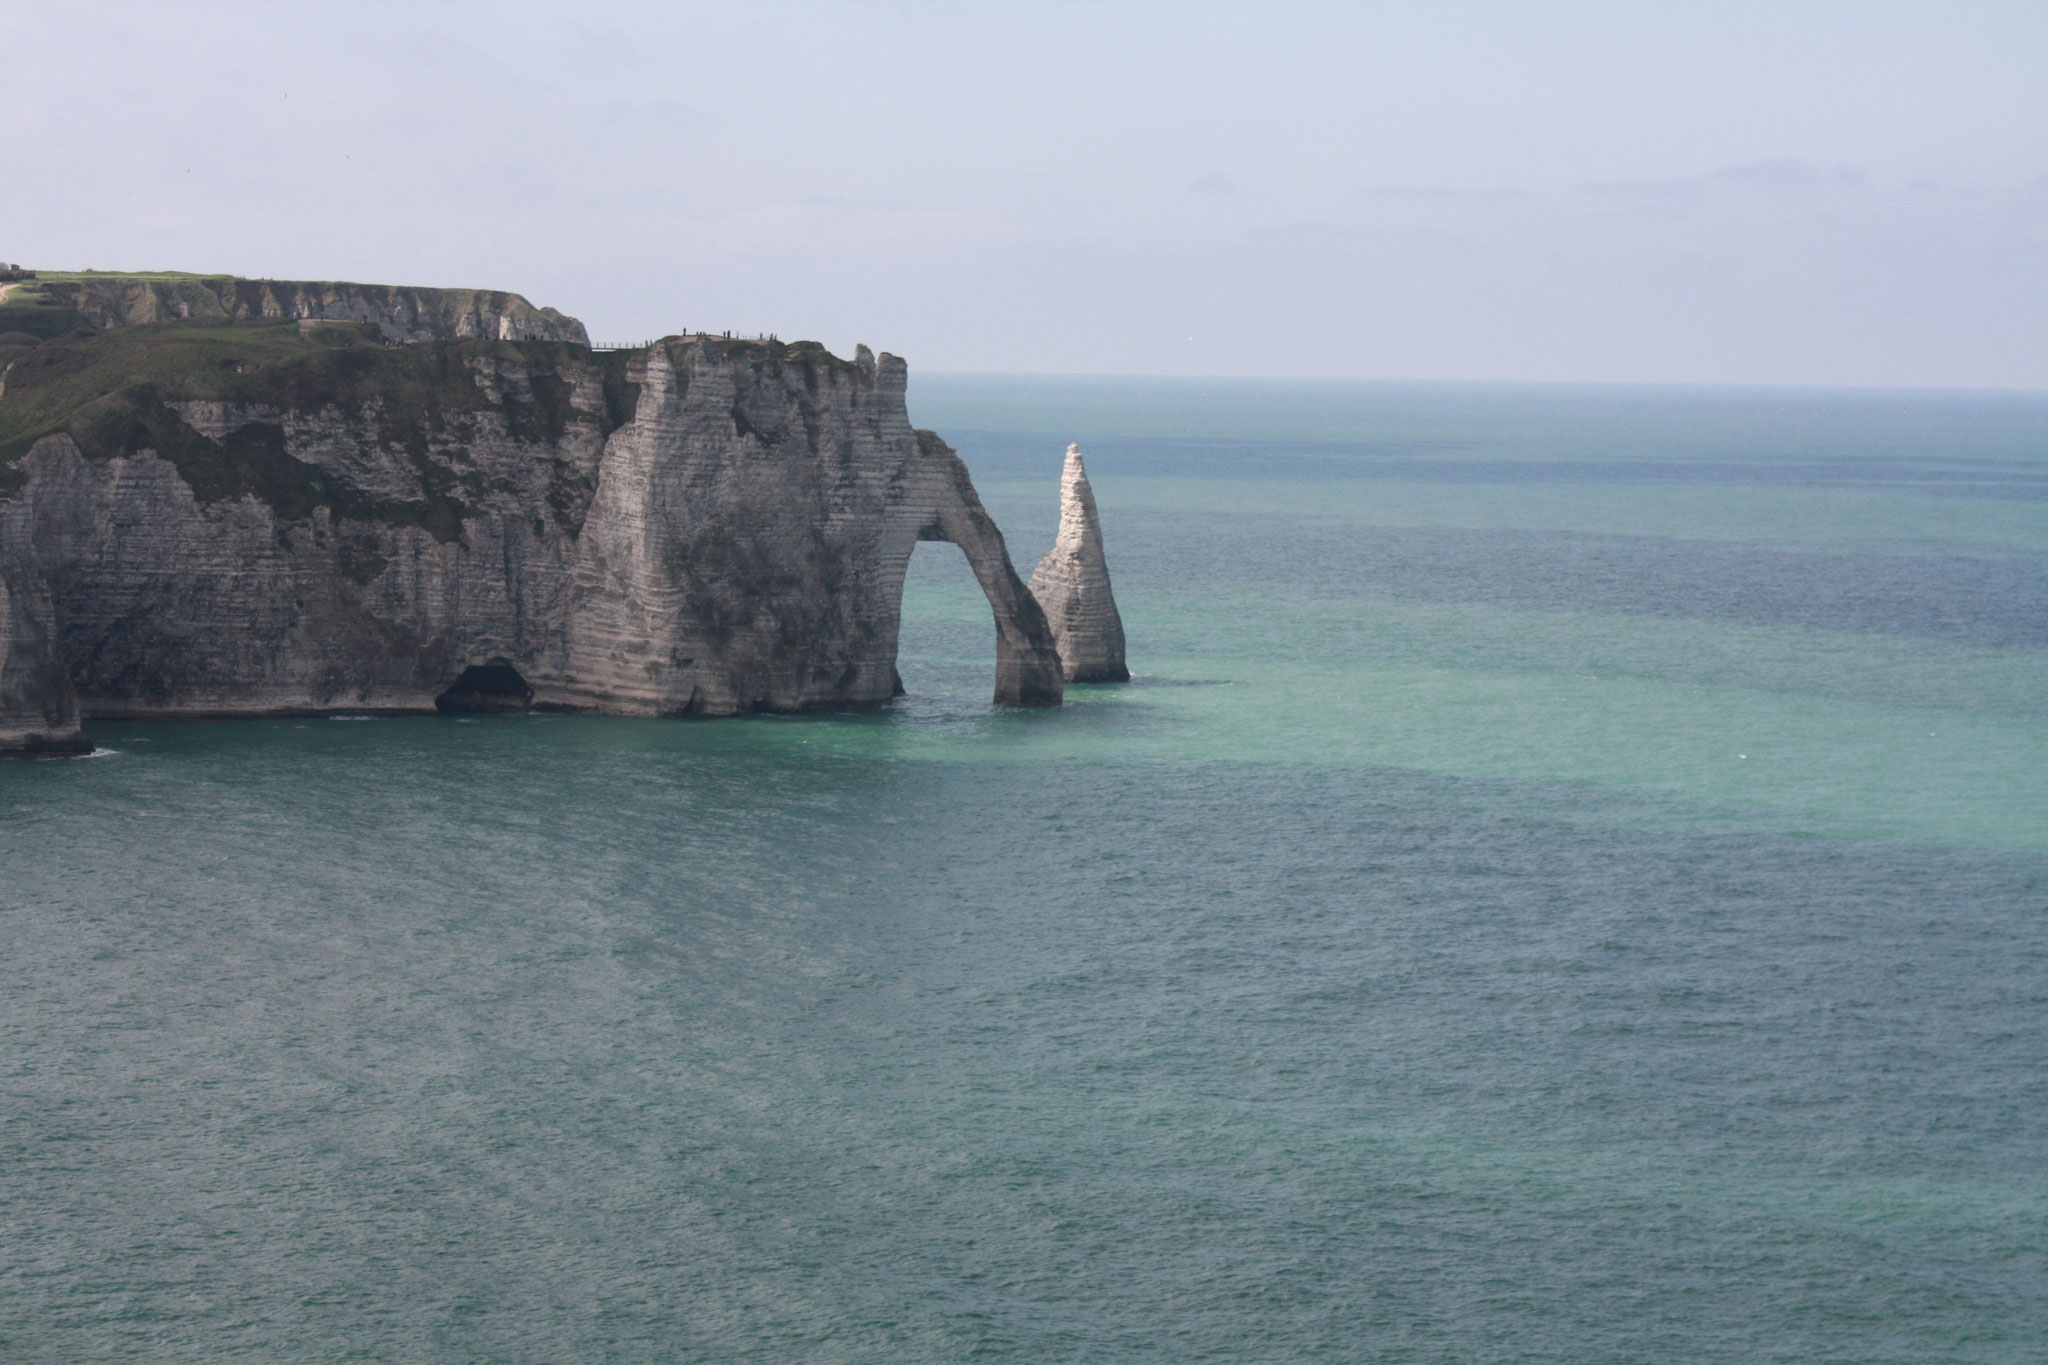 Нормандия-Бретань-Луара-Боденское озеро. 15 дней. 1325 за 10 дней экскурсионной части в мини-группе из 4 человек